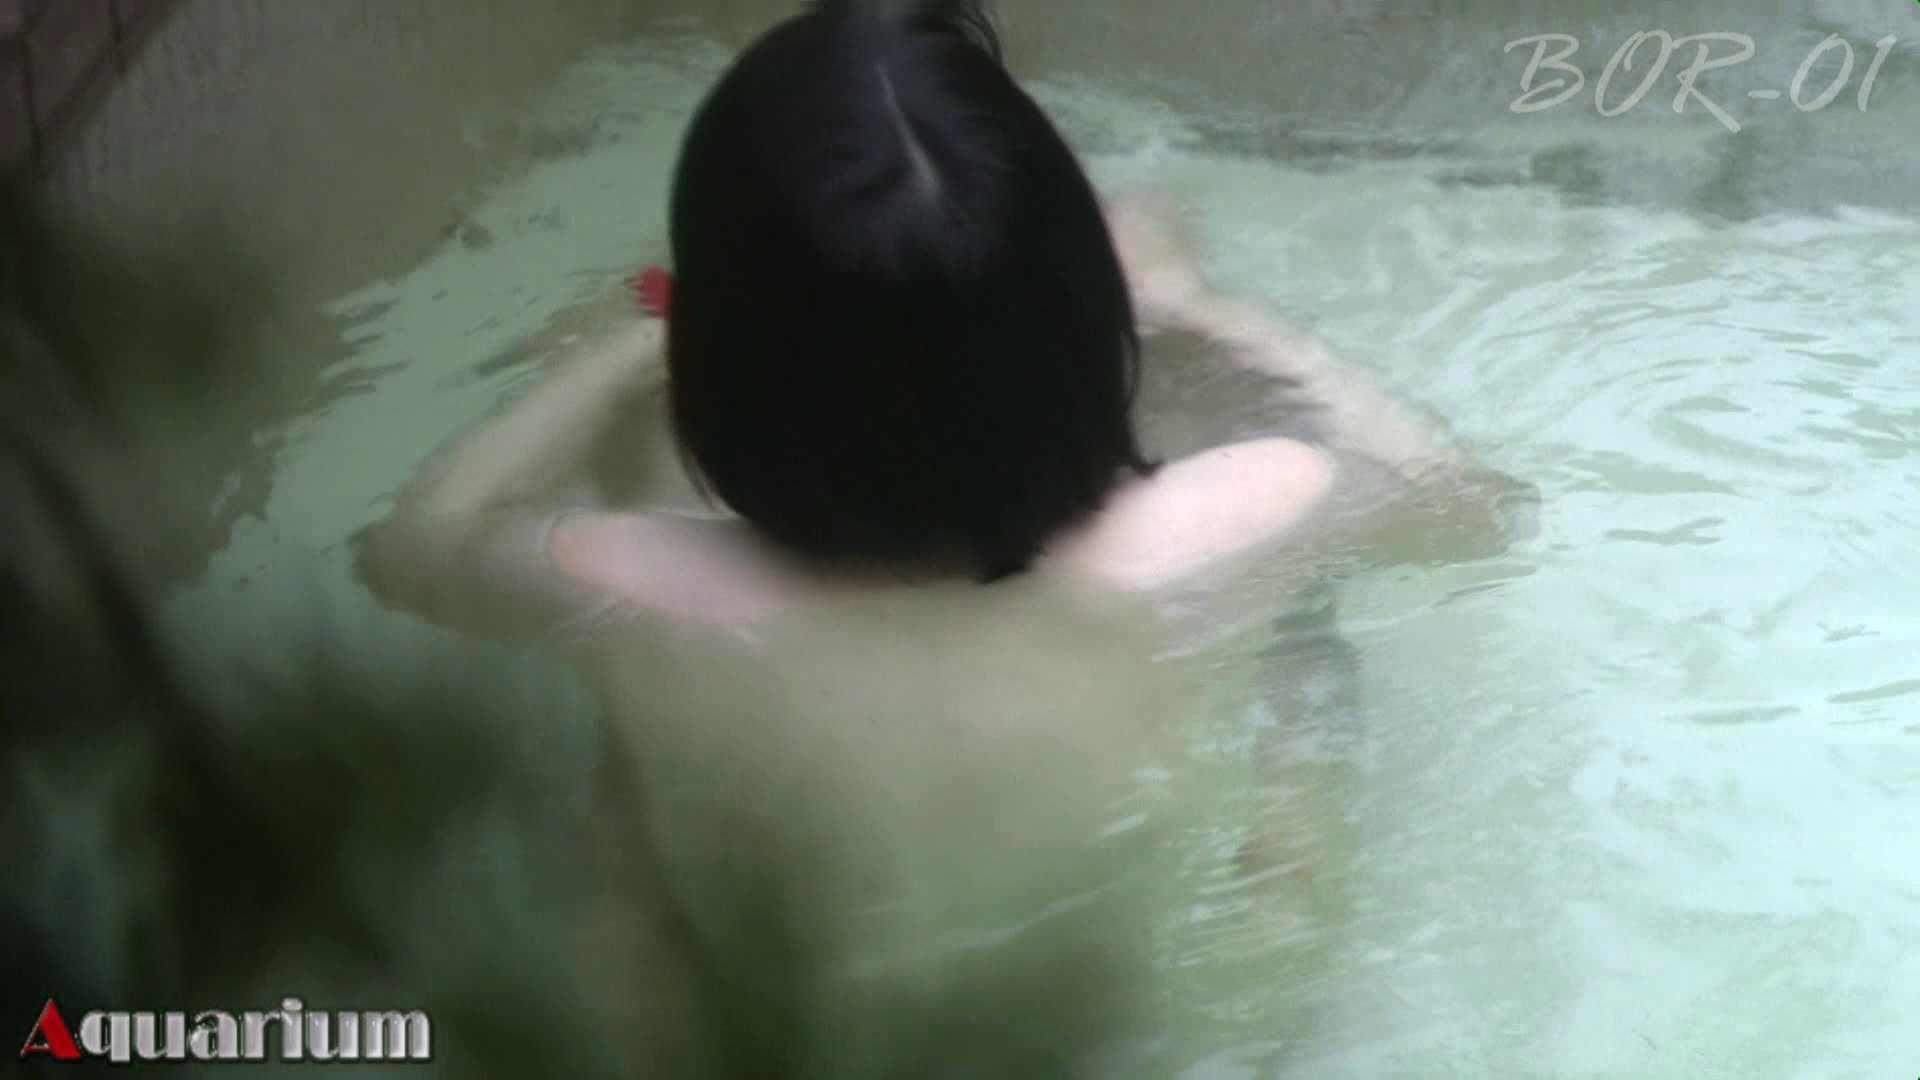 Aquaな露天風呂Vol.466 OLエロ画像 | 露天  93PICs 34